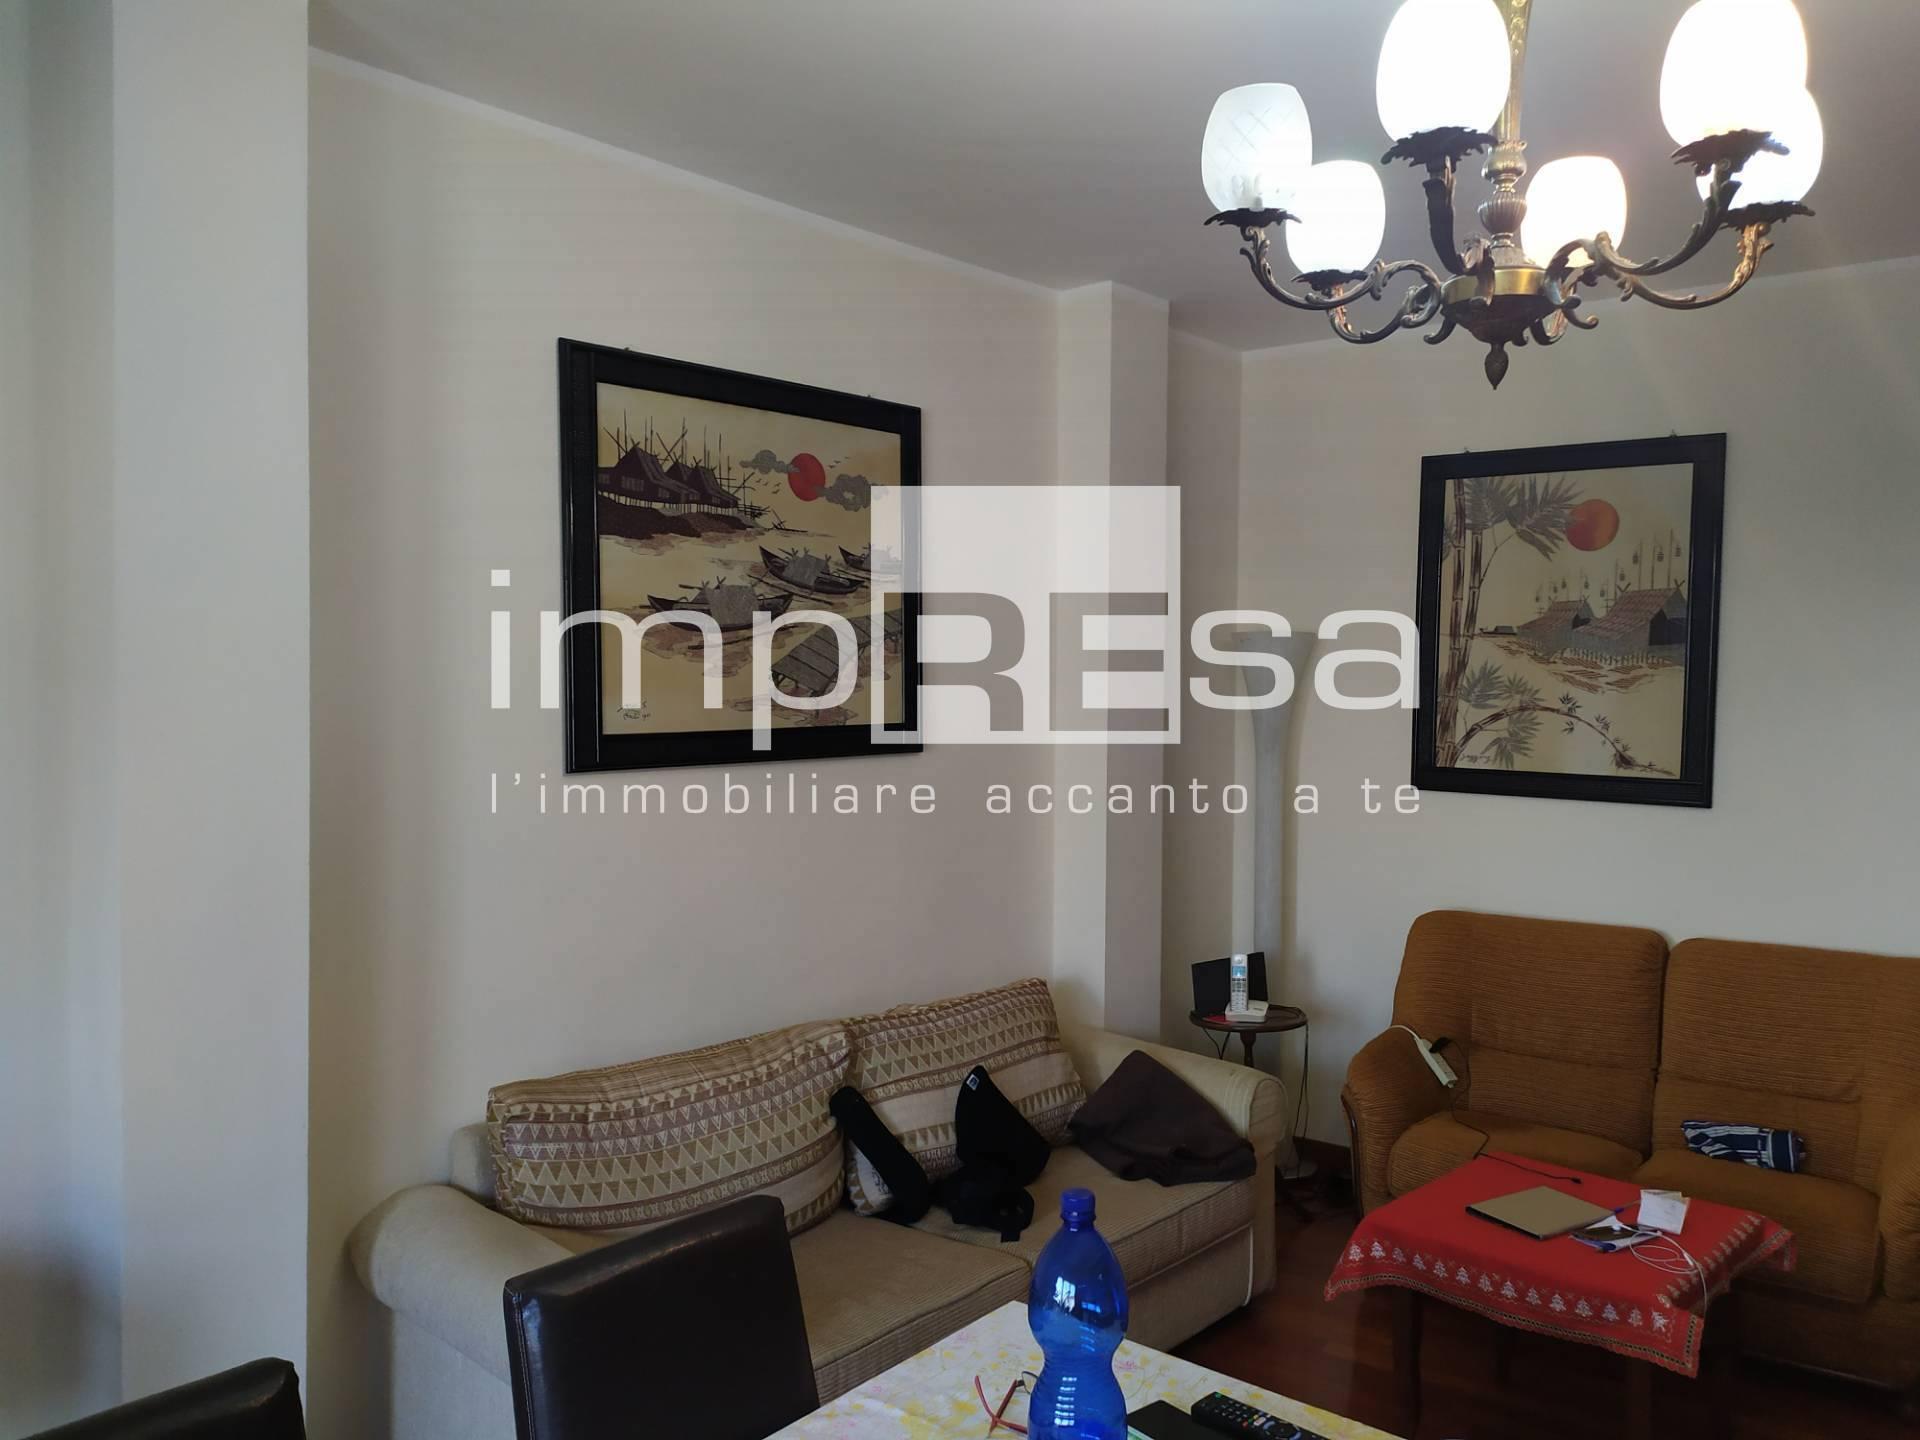 Appartamento in vendita a Preganziol, 6 locali, prezzo € 108.000 | PortaleAgenzieImmobiliari.it